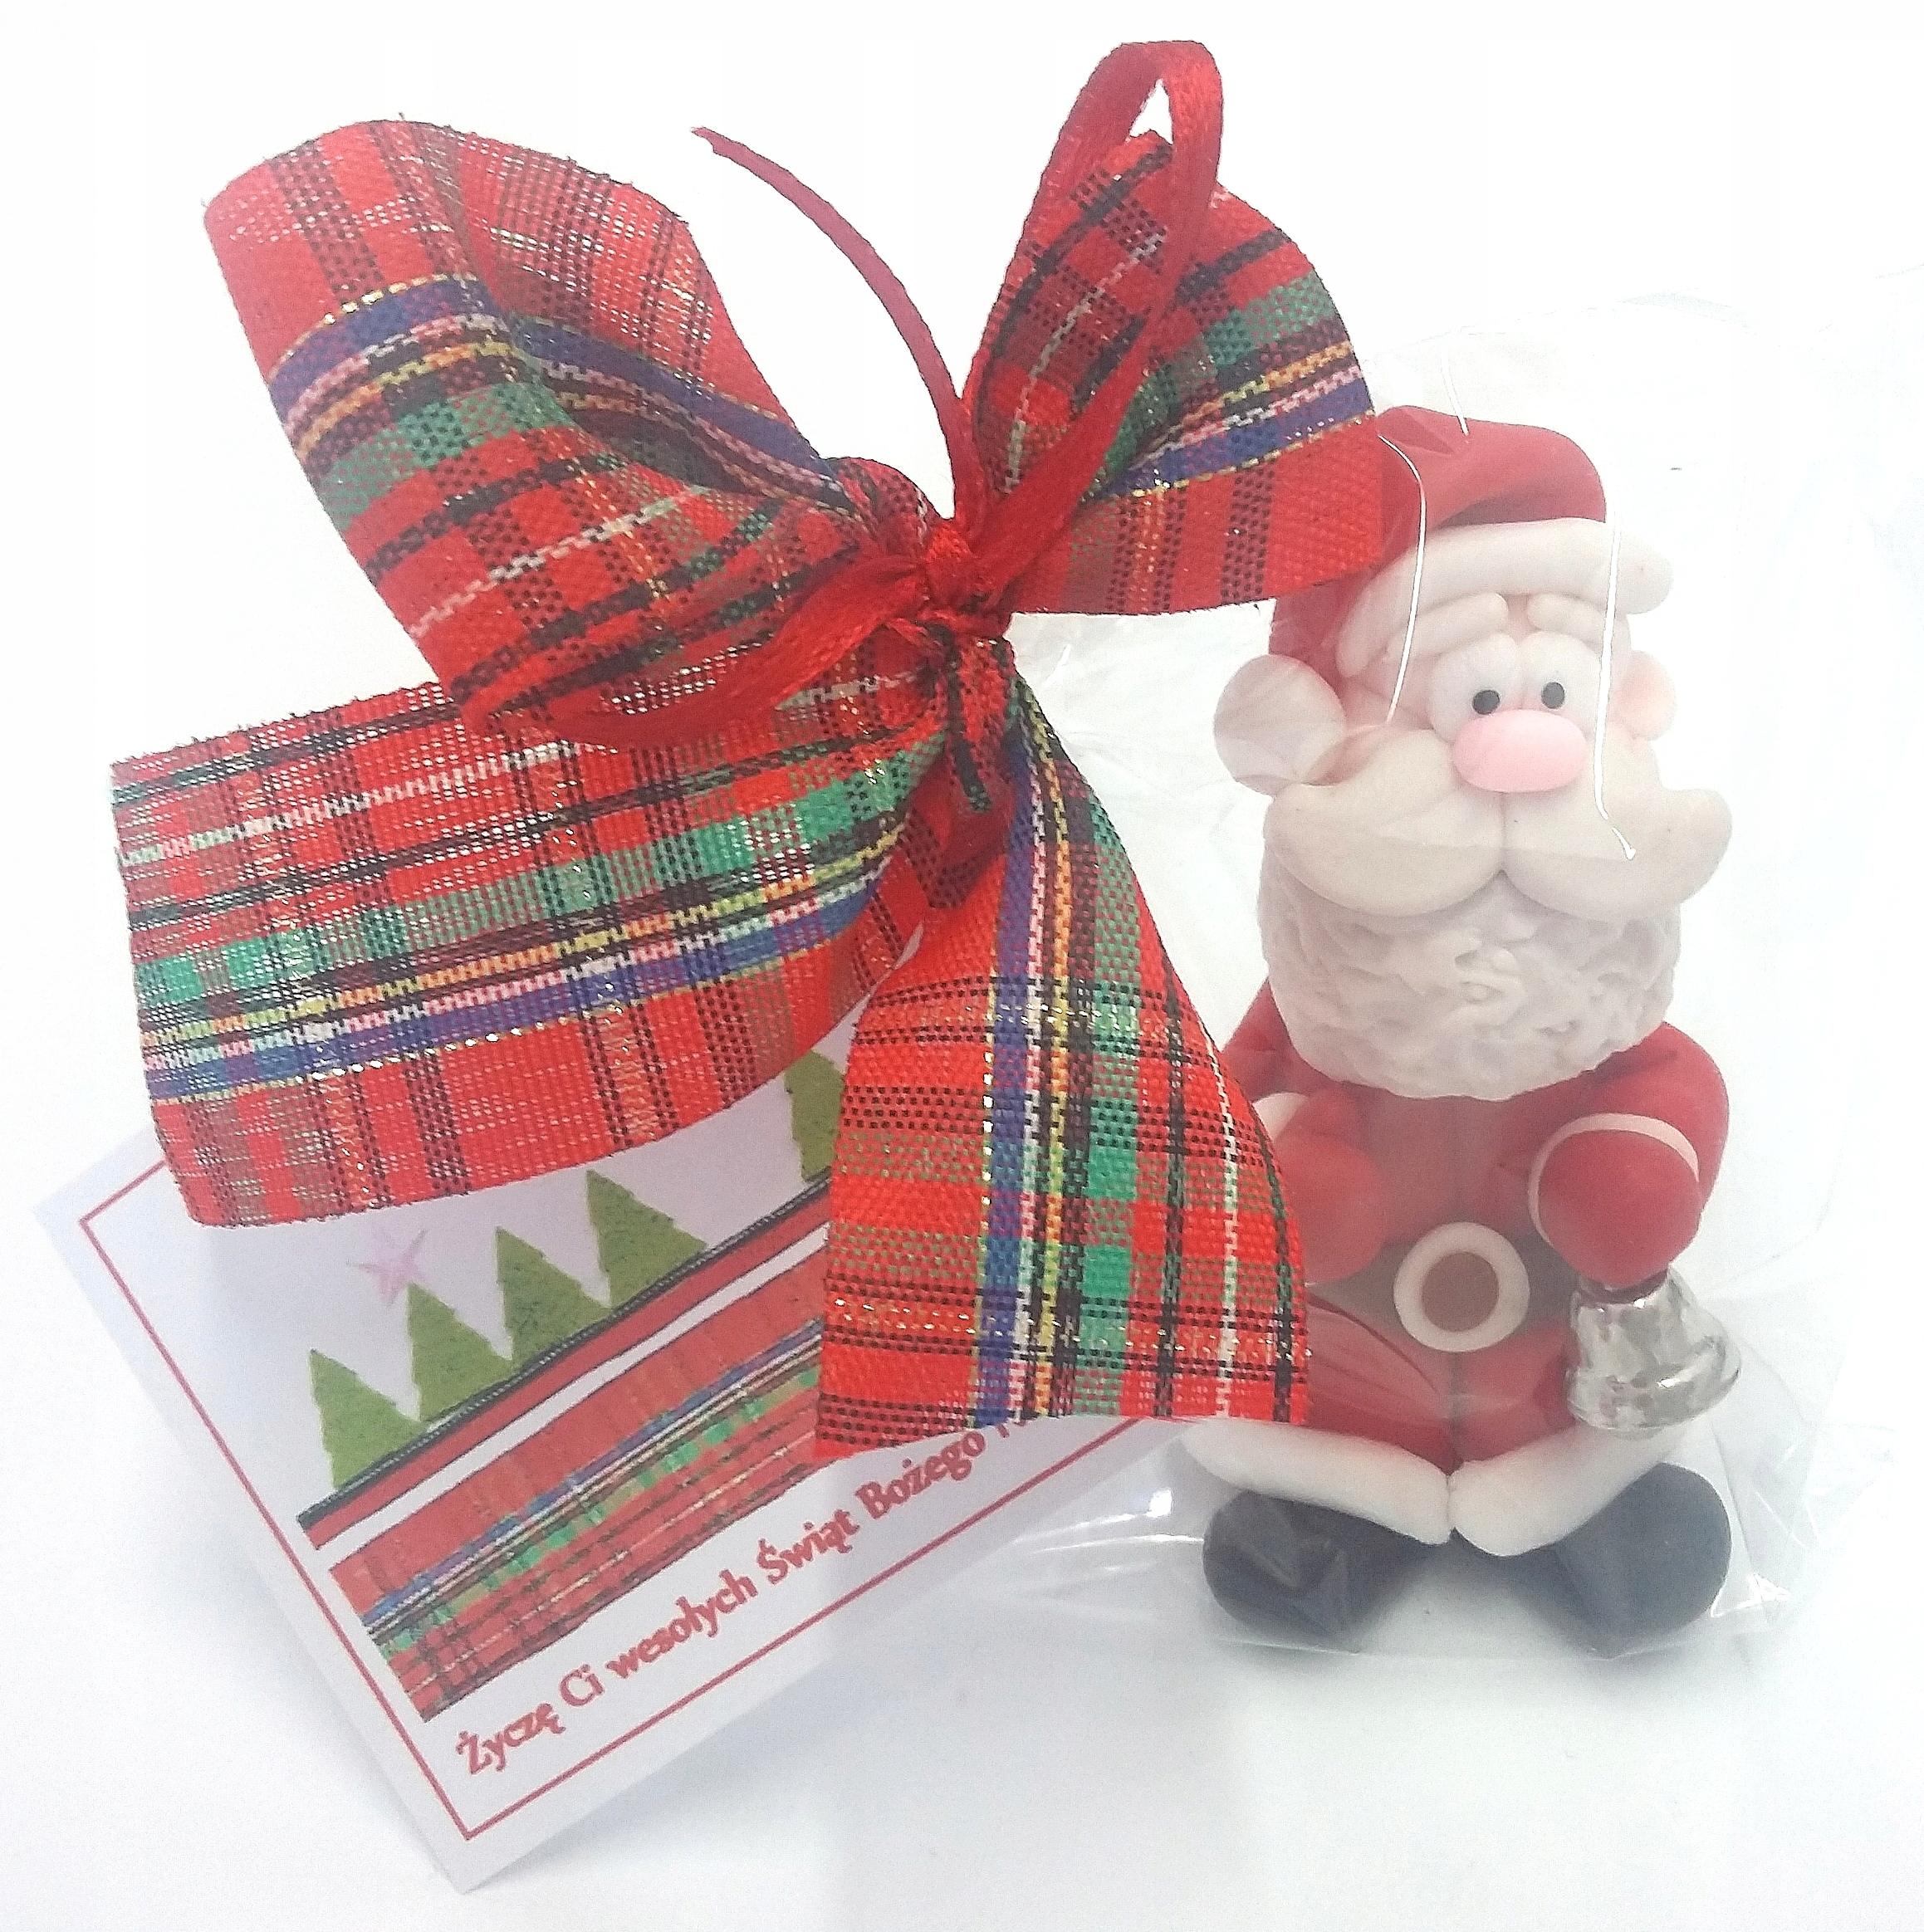 Mikołaj Boże Narodzenie ozdoby choinkowe mikołajki